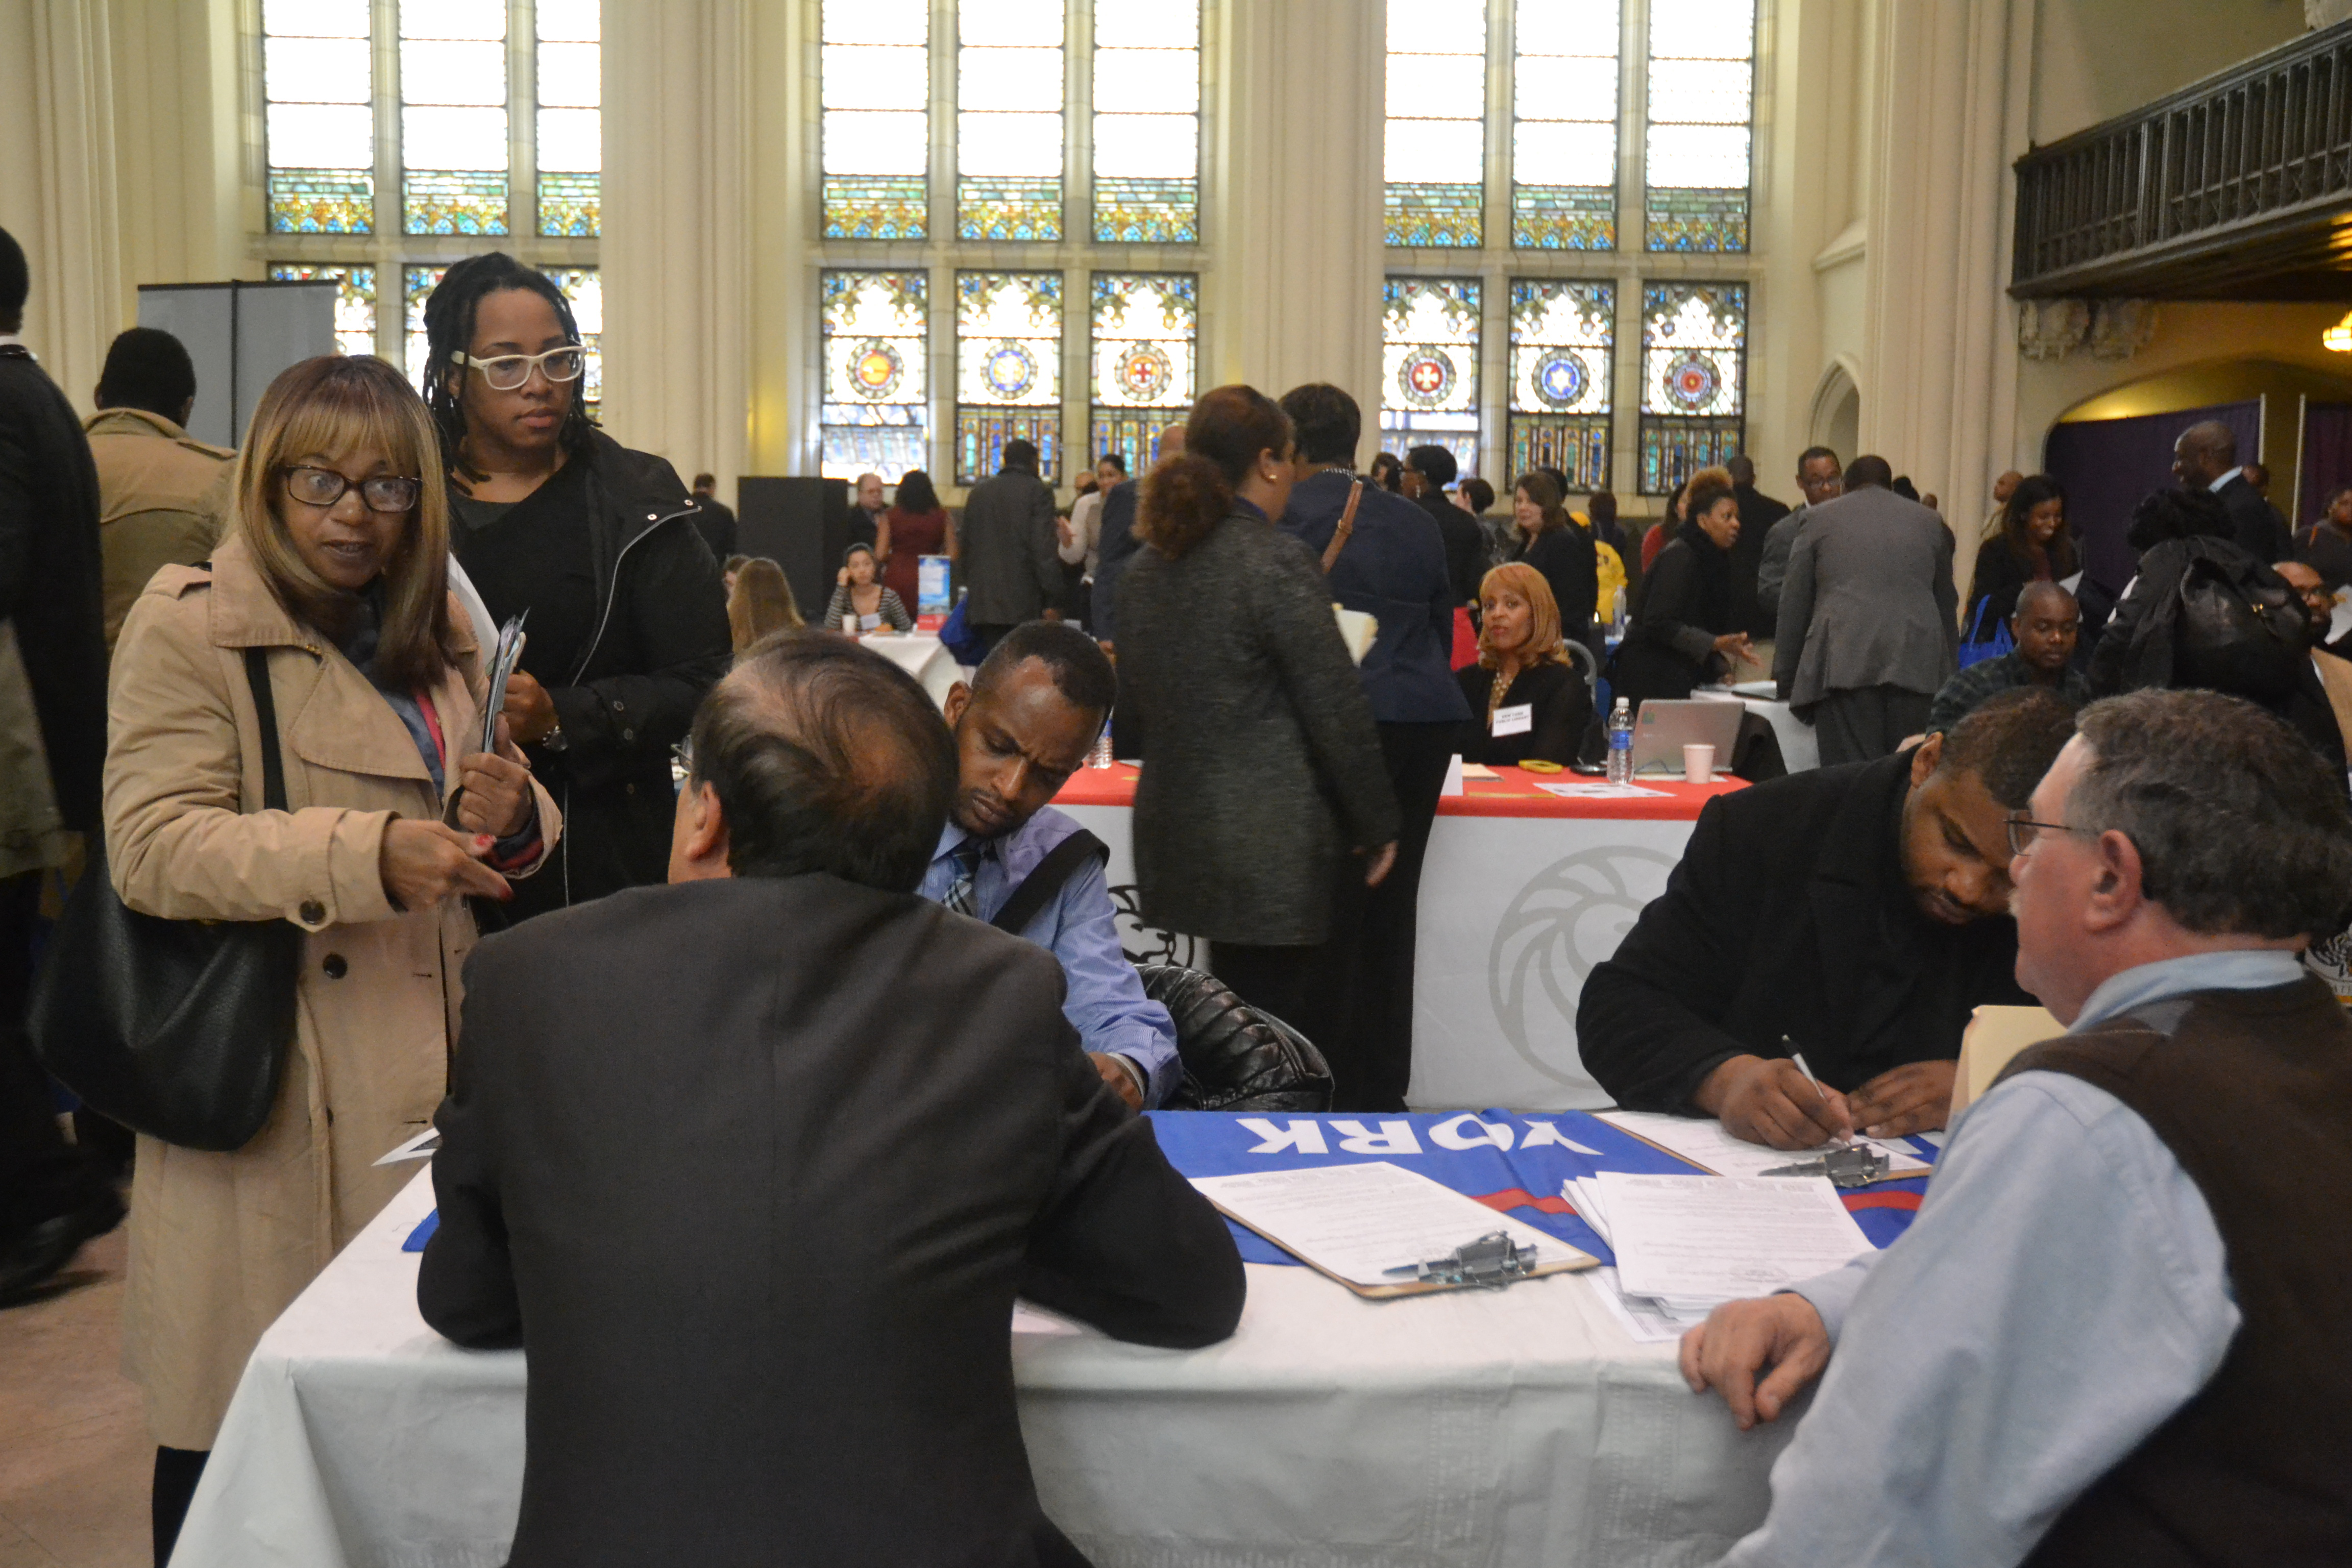 Hundreds attended the job fair.